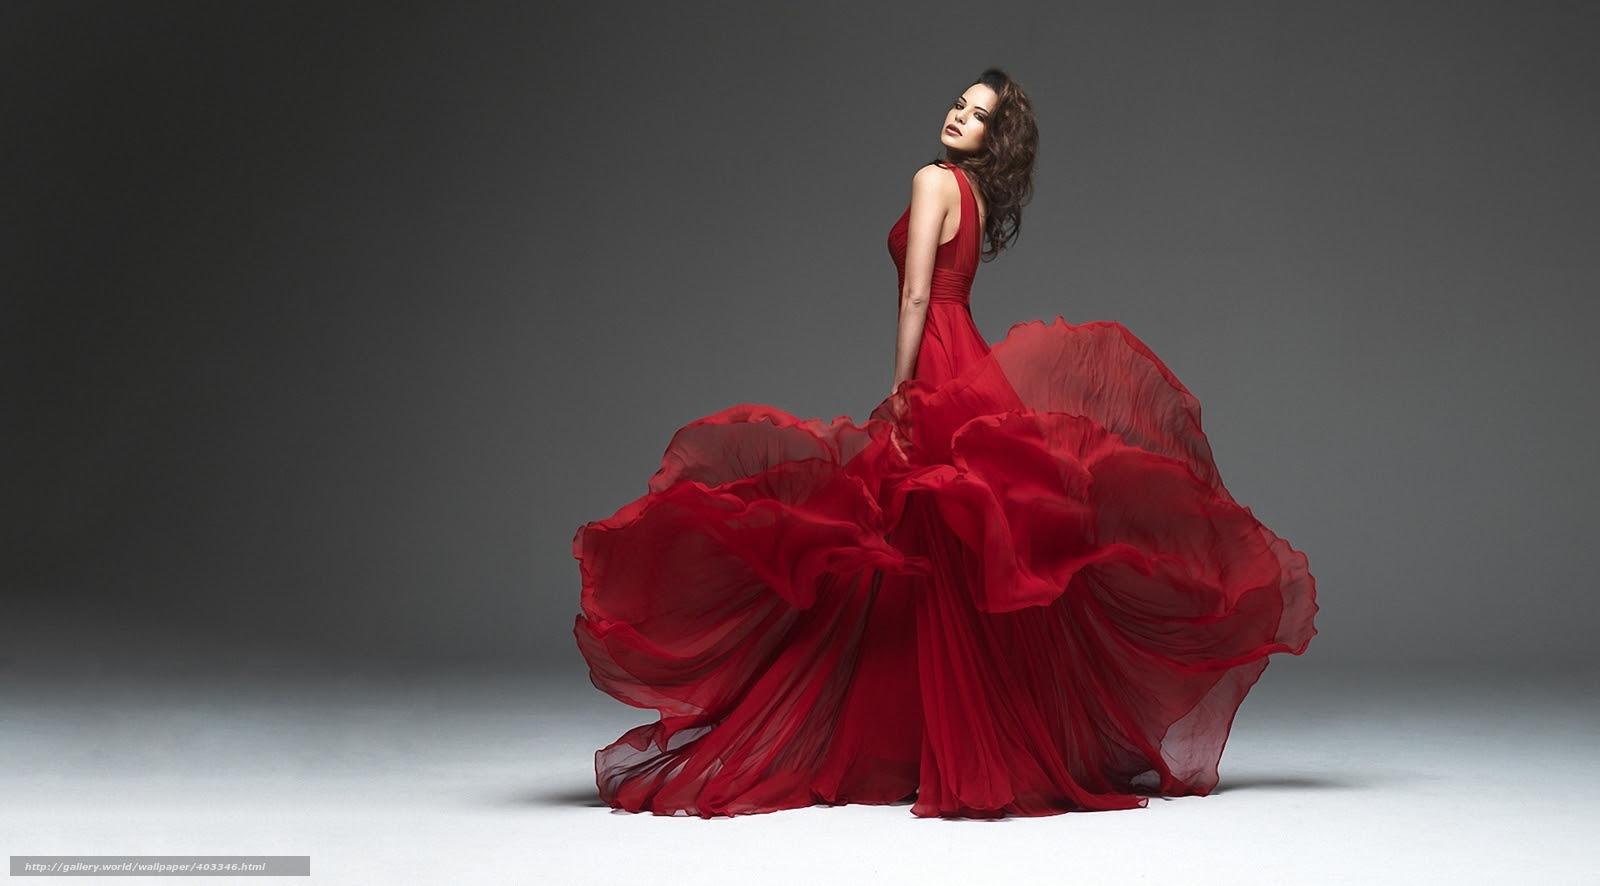 壁紙をダウンロード 女の子 モデル ドレス 赤 デスクトップの解像度